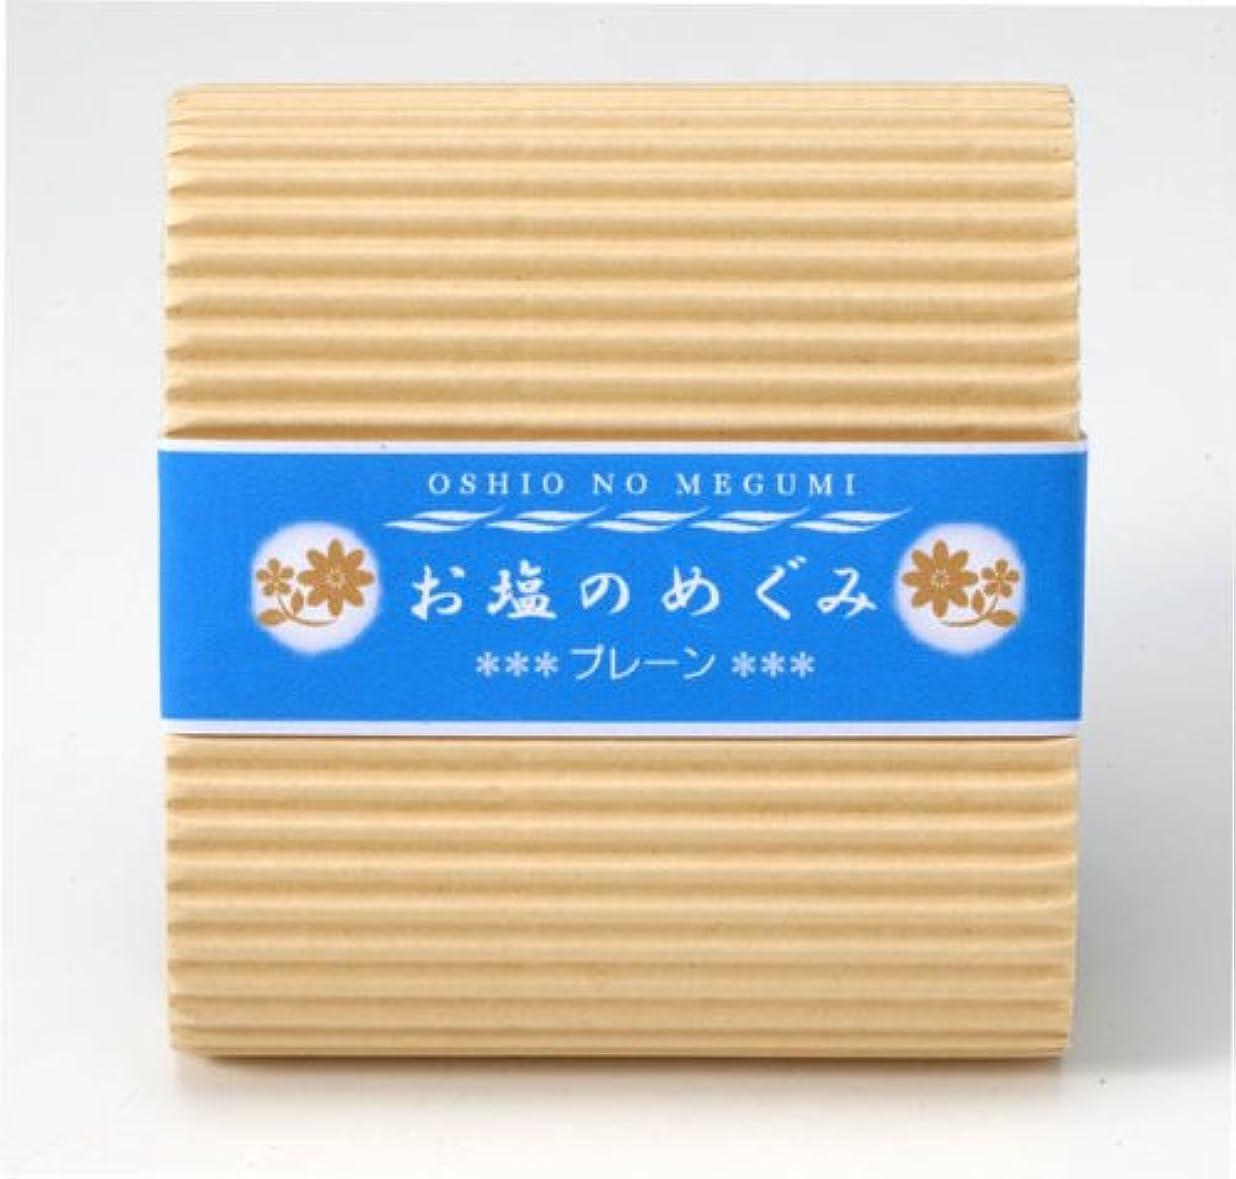 開梱アリ変色するお塩のめぐみ プレーン 90g